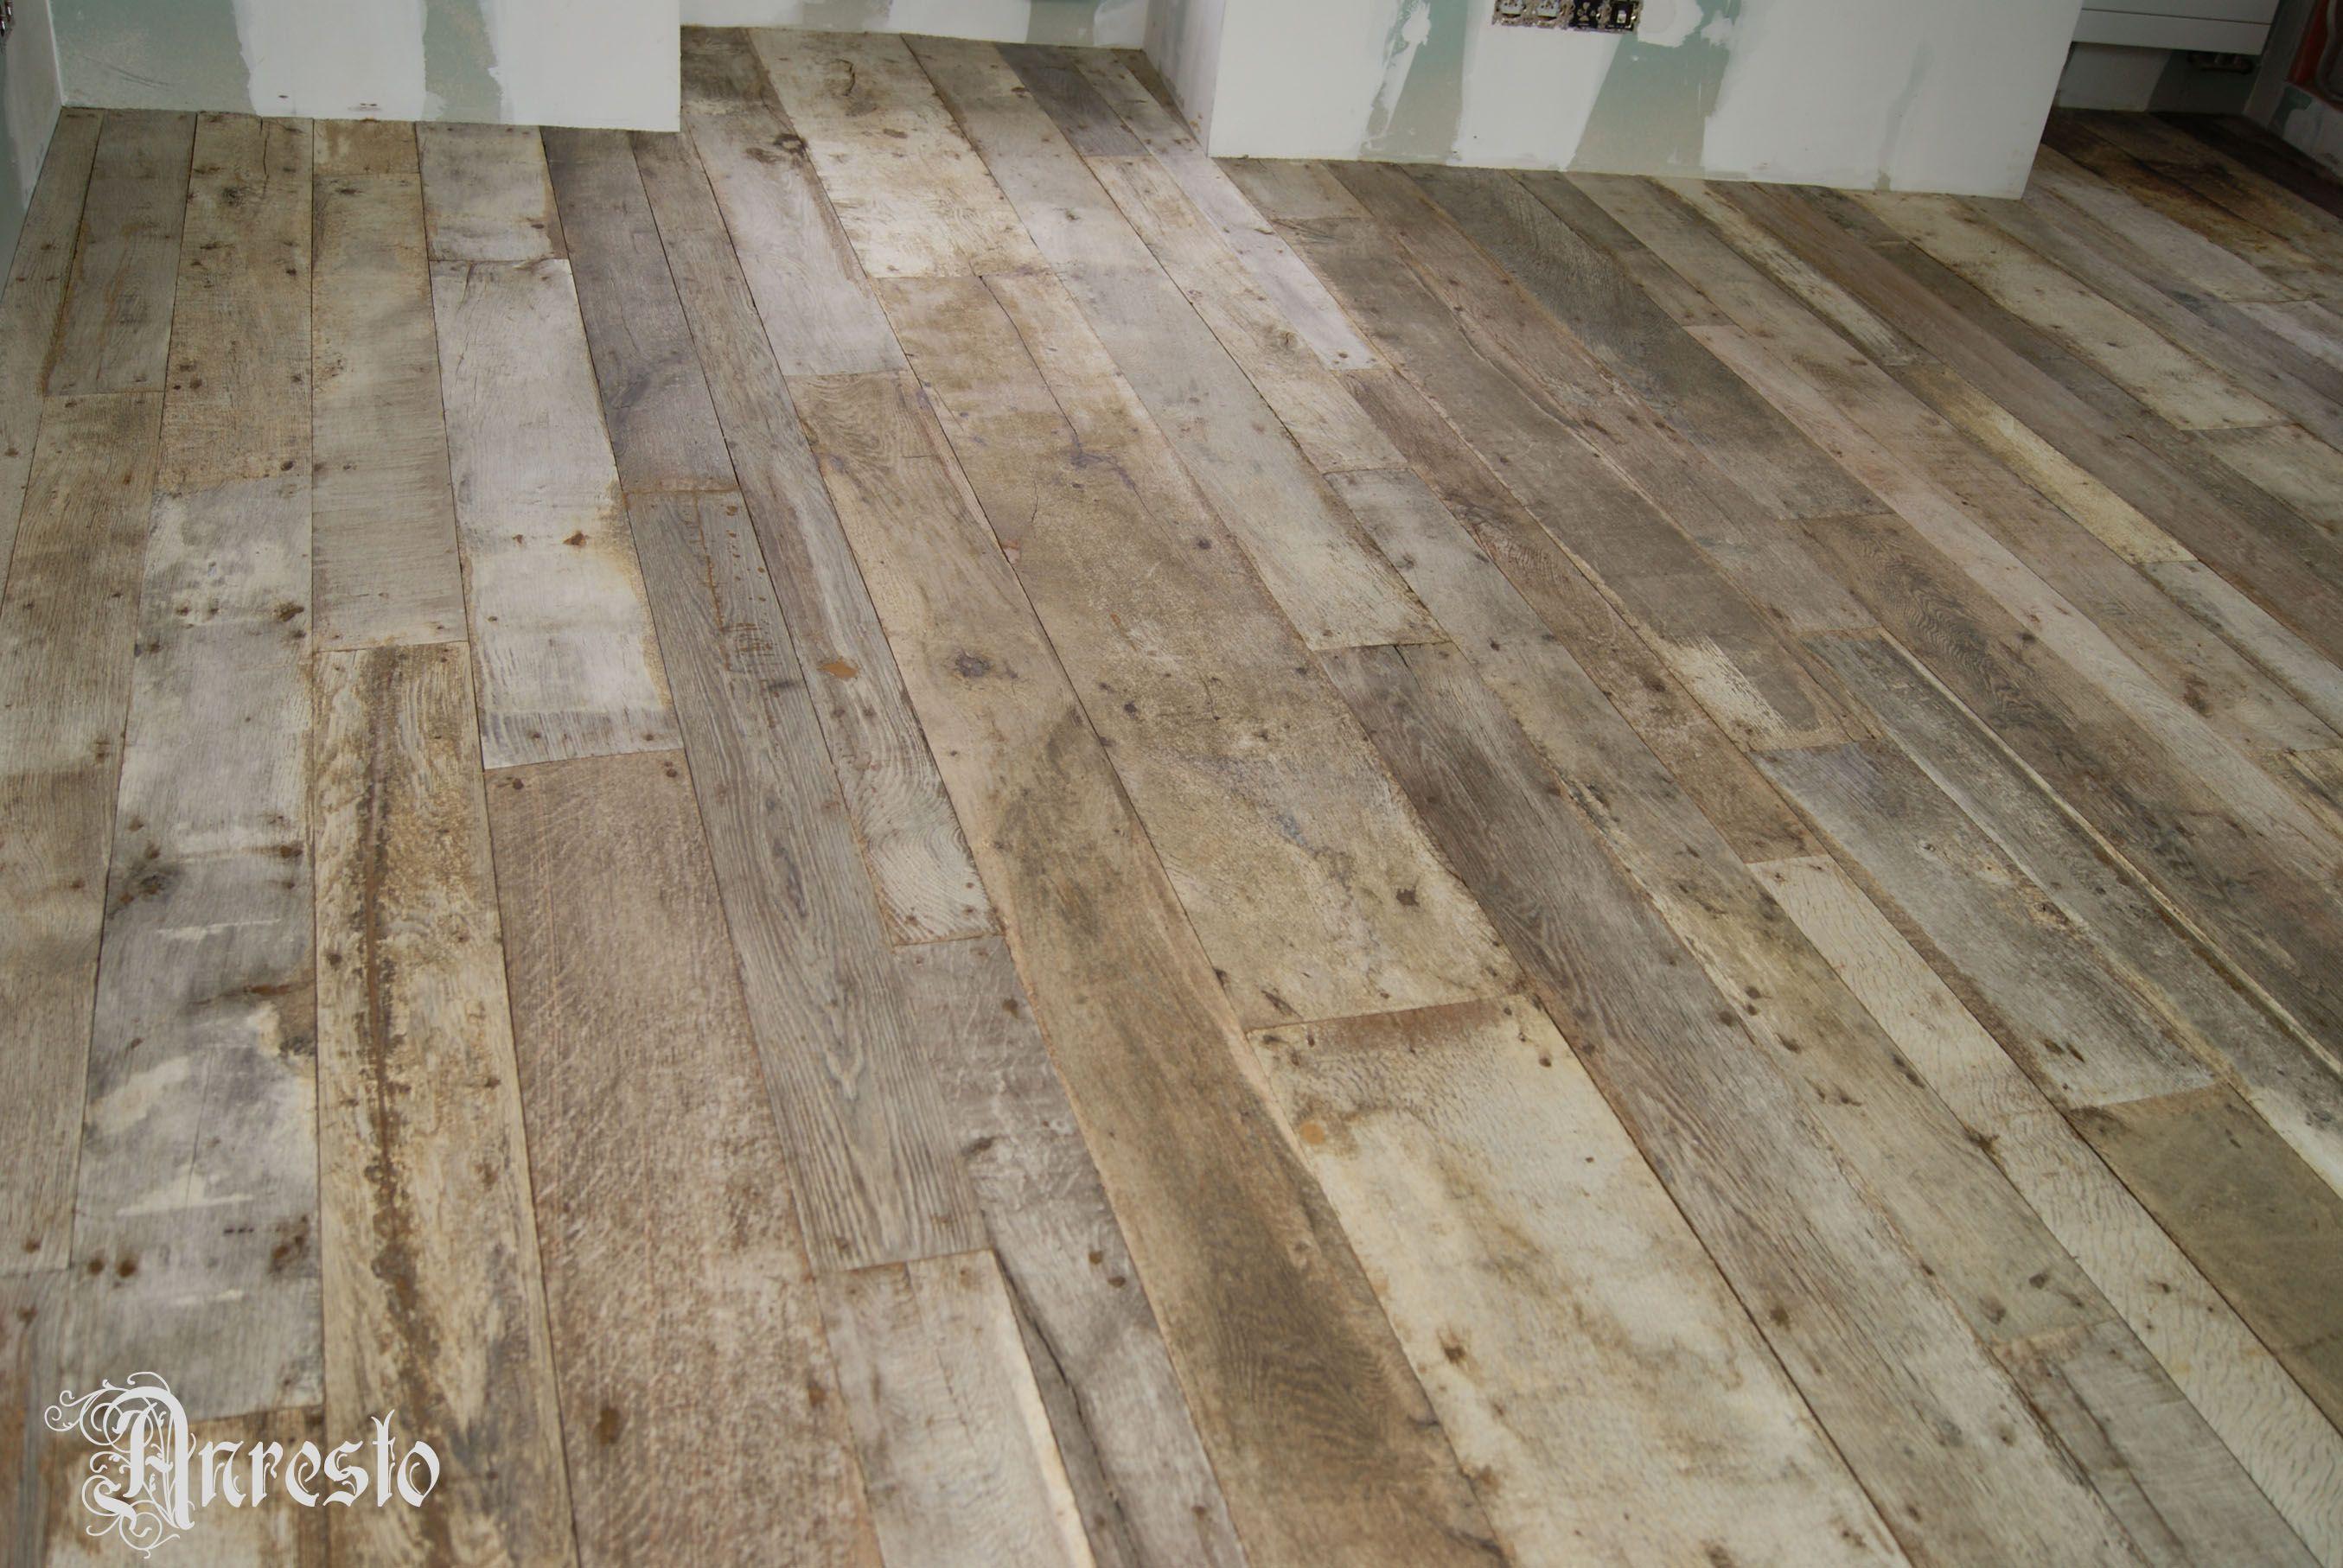 Oude Houten Vloeren : Antieke houten vloeren oude vloeren antieke parketvloeren in